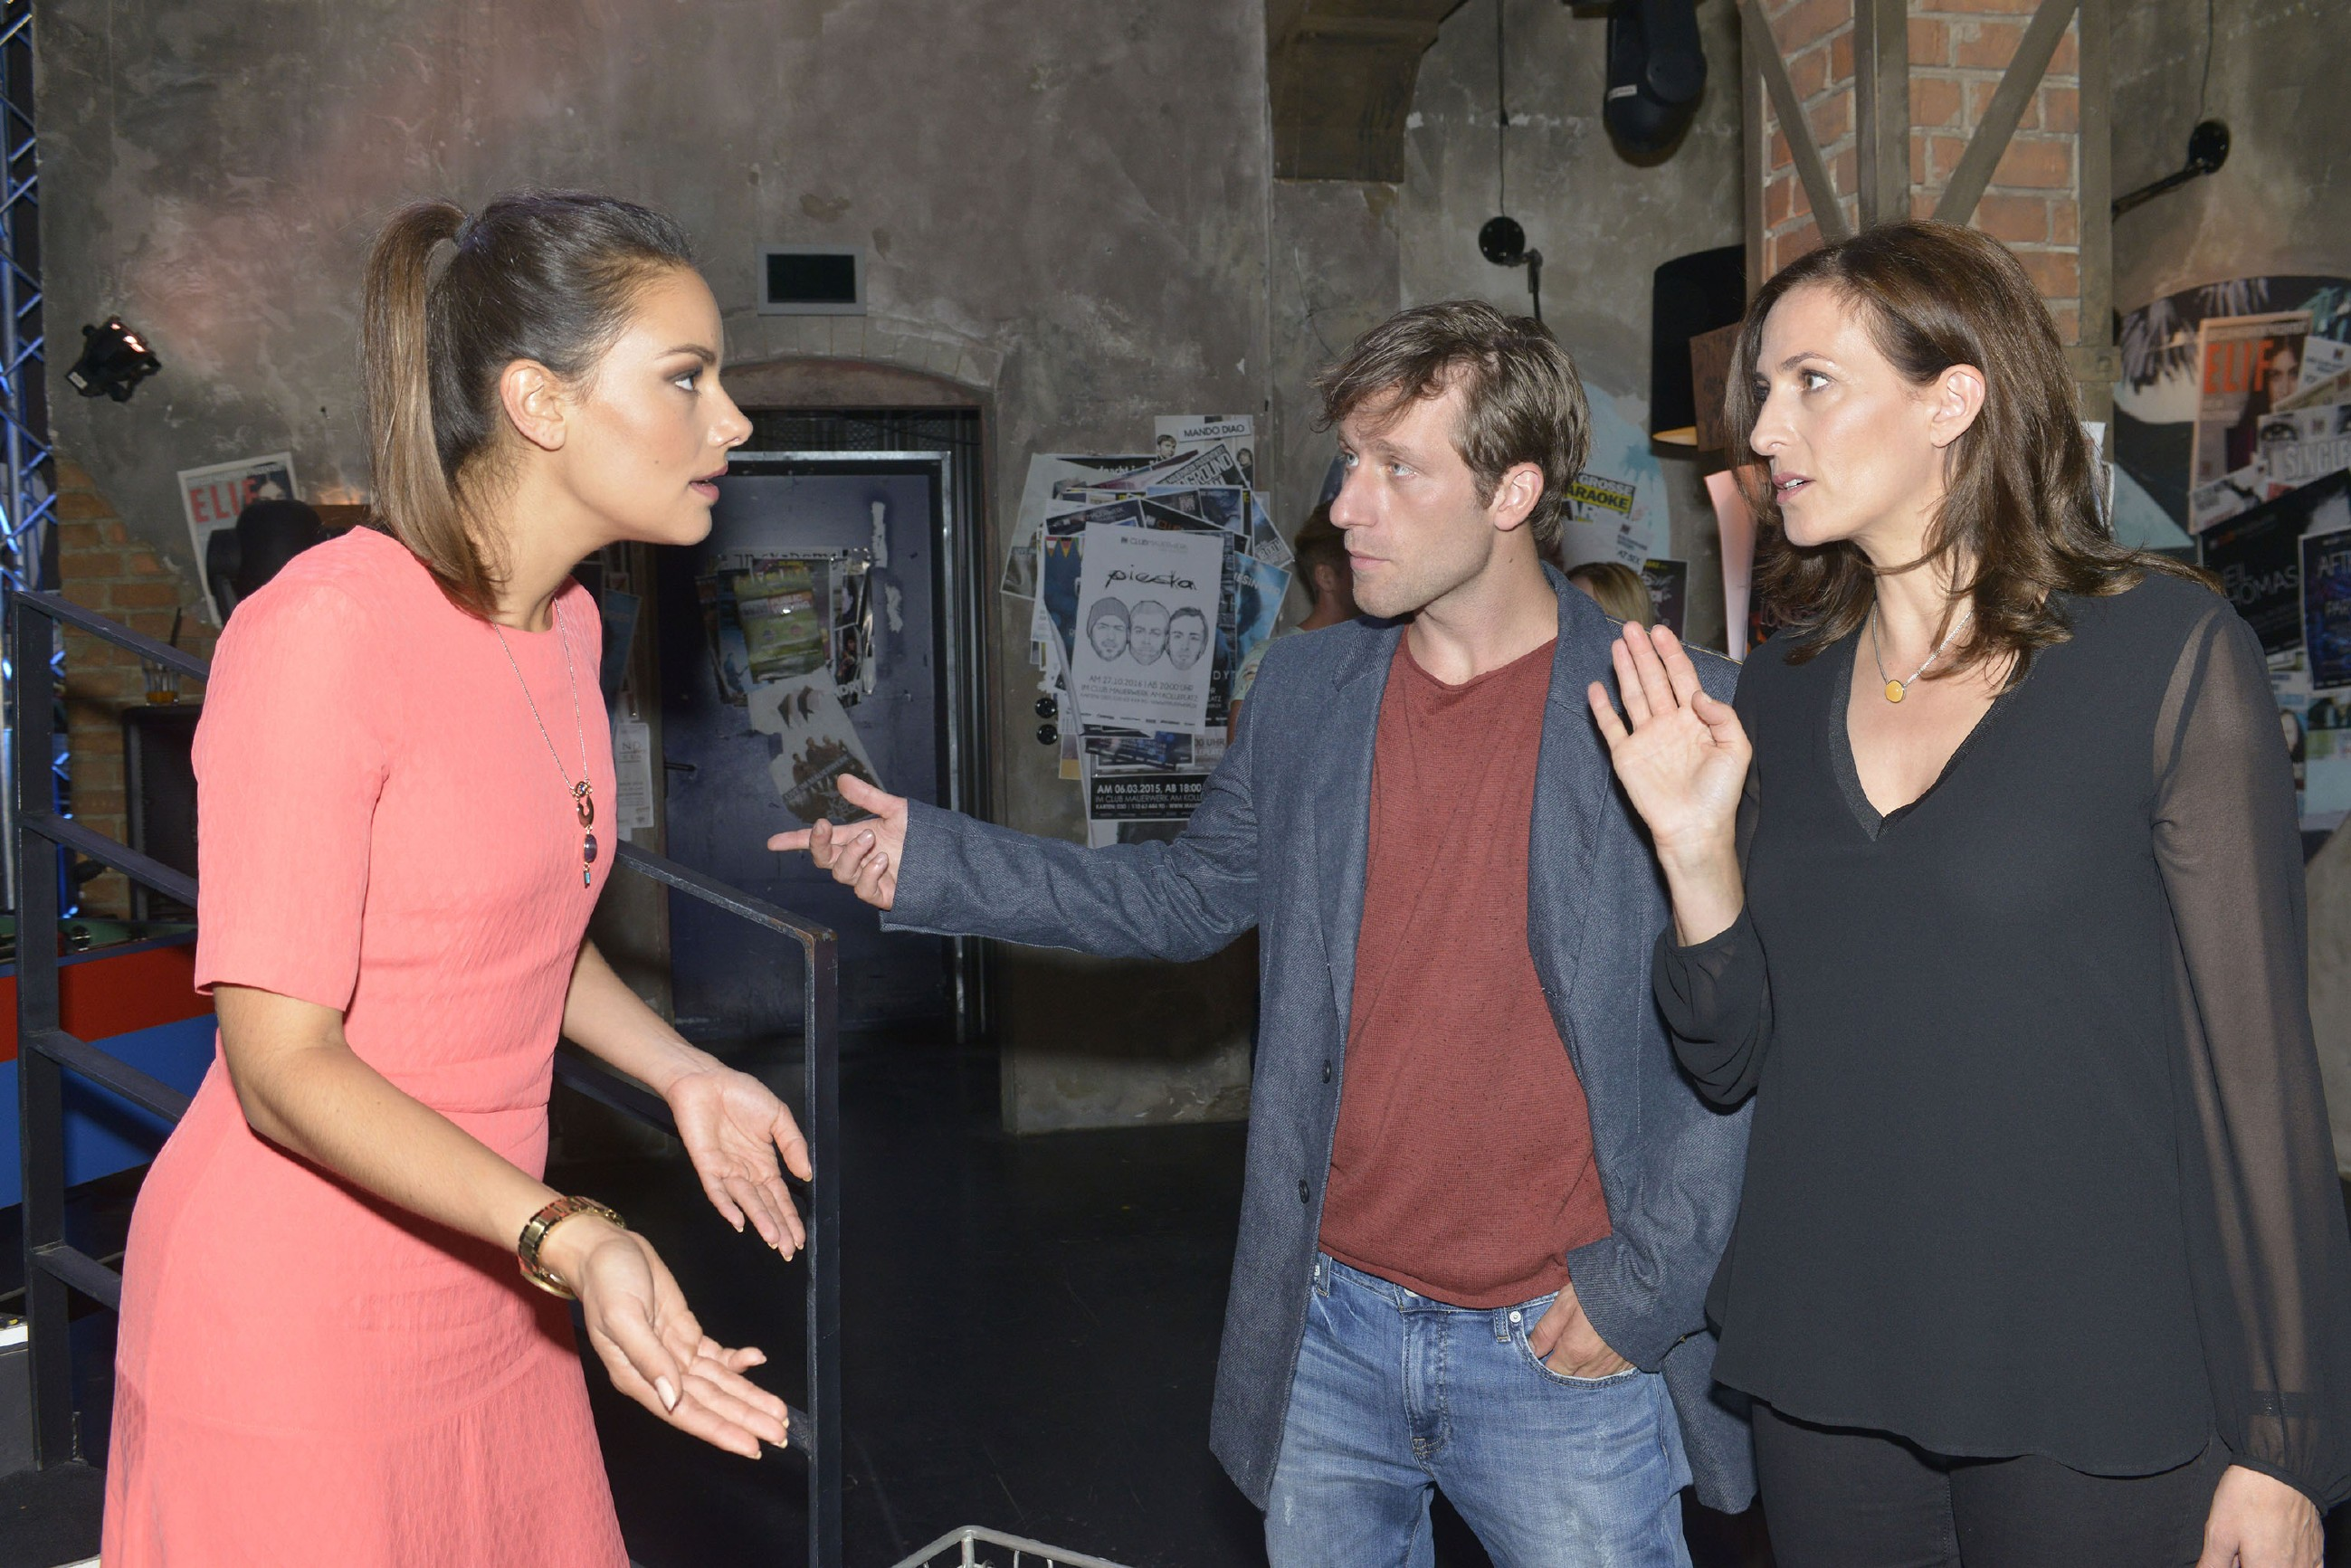 Katrin (Ulrike Frank, r.) versucht Jasmin (Janina Uhse) zu beruhigen, die nicht fassen kann, dass Bommel (Merlin Leonhardt) die Jacke mit dem Stick, auf dem sich ihre Frühjahrskollektion befindet, an Obdachlose gegeben hat. (Quelle: RTL / Rolf Baumgartner)